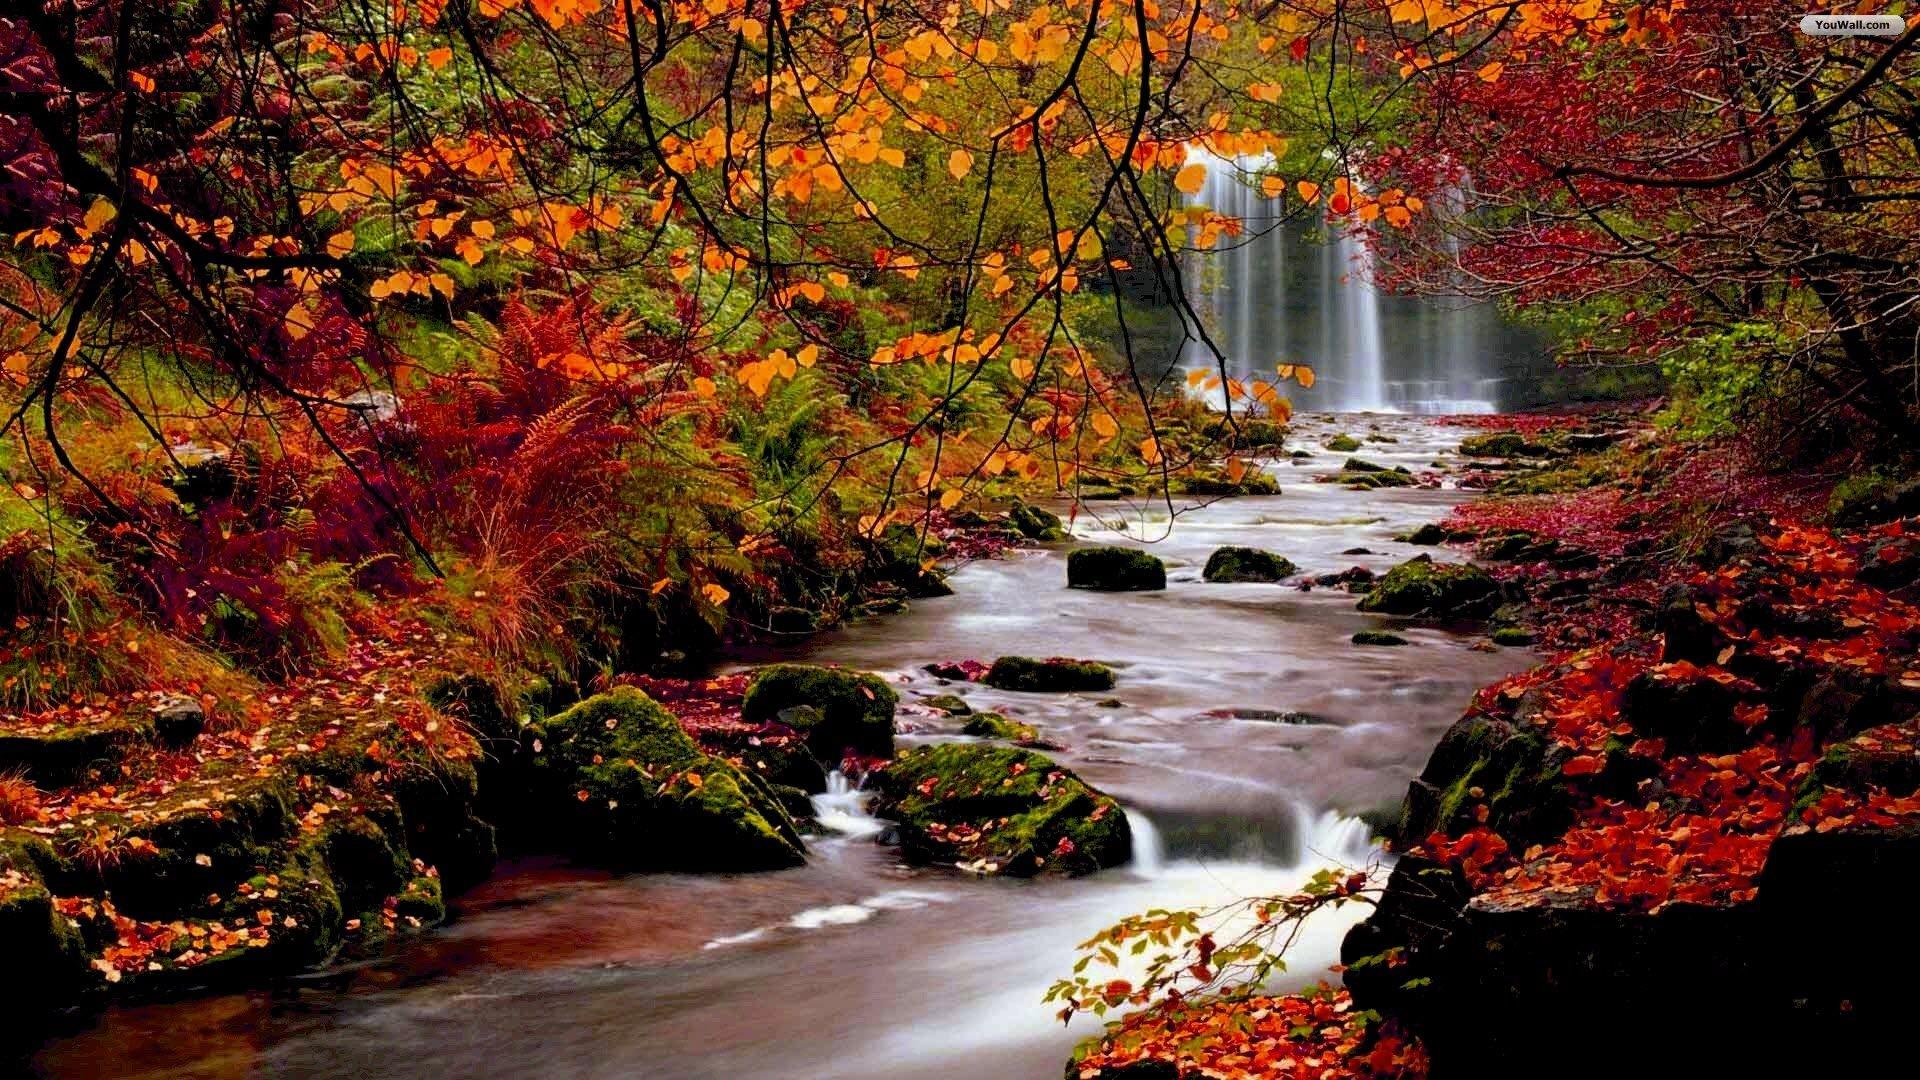 Autumn Forest Waterfall Wallpaper   wallpaperwallpapersfree 1920x1080